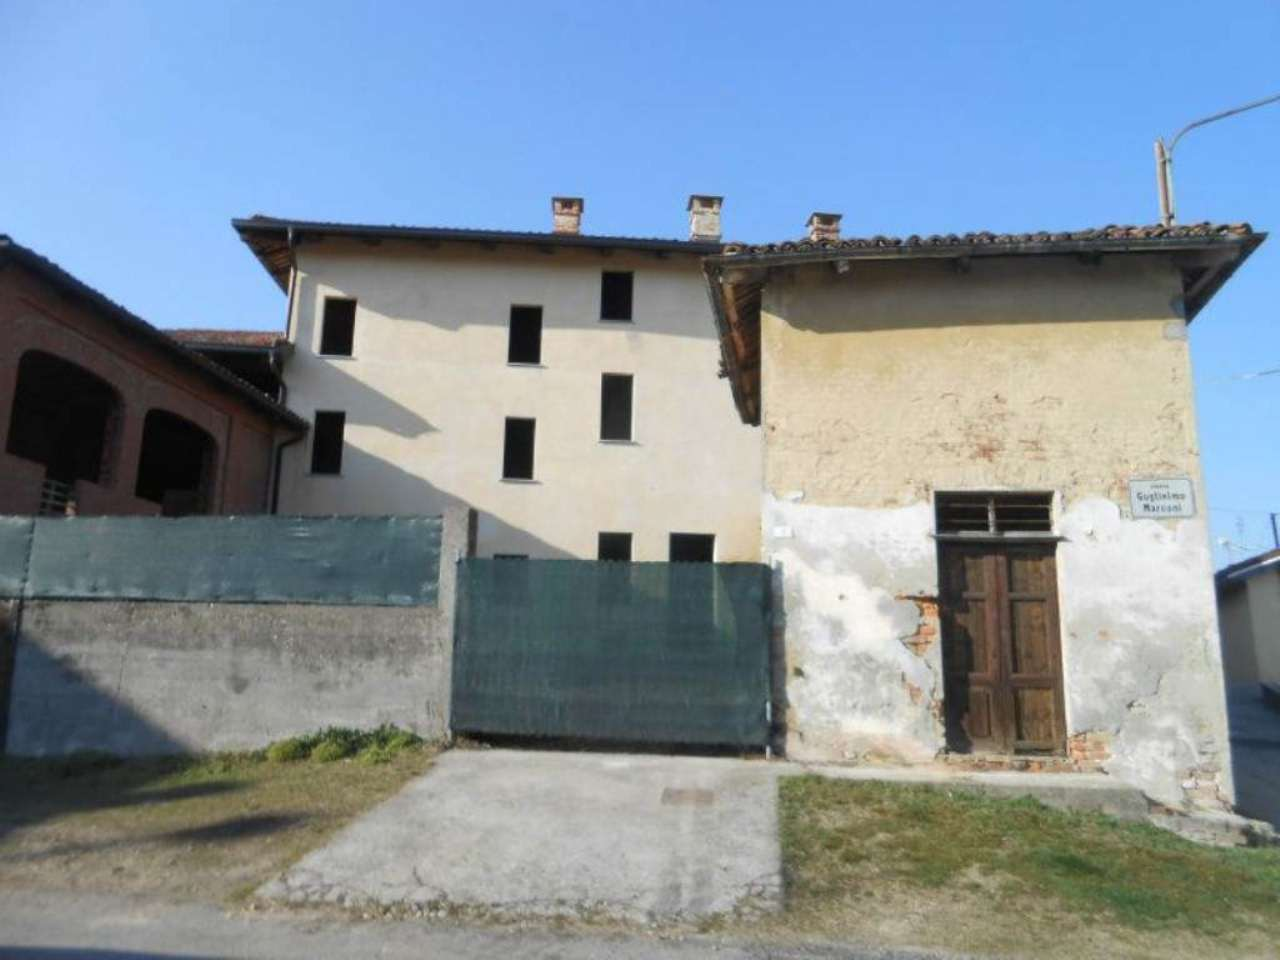 Soluzione Indipendente in vendita a Piovà Massaia, 18 locali, prezzo € 175.000 | CambioCasa.it